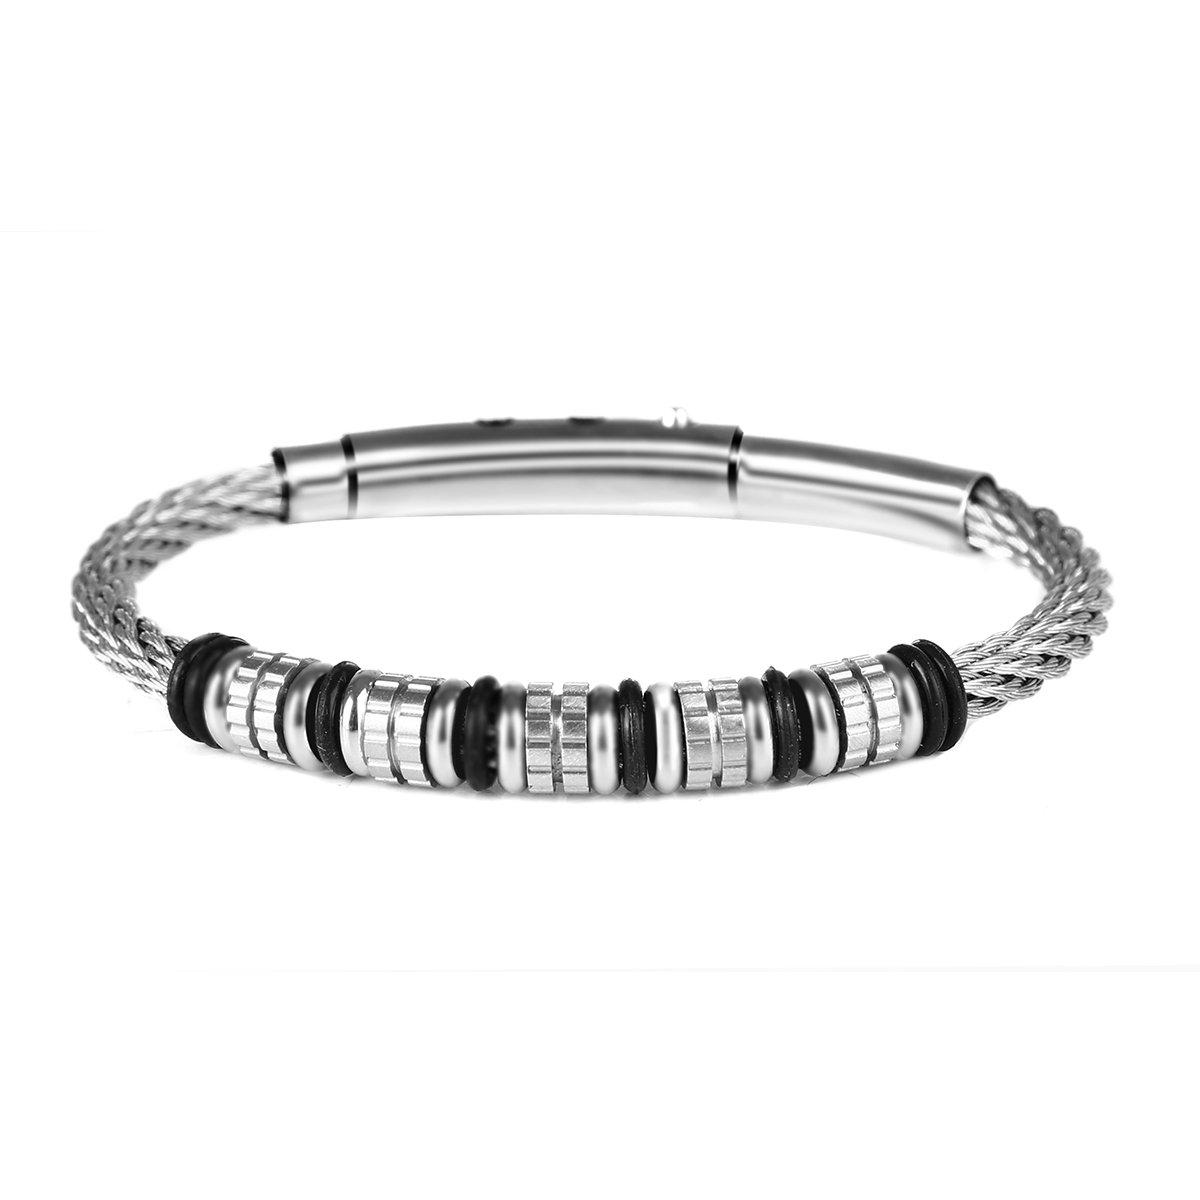 ESEN KJ Stainless Steel Bracelet Wire Braid (9inches)